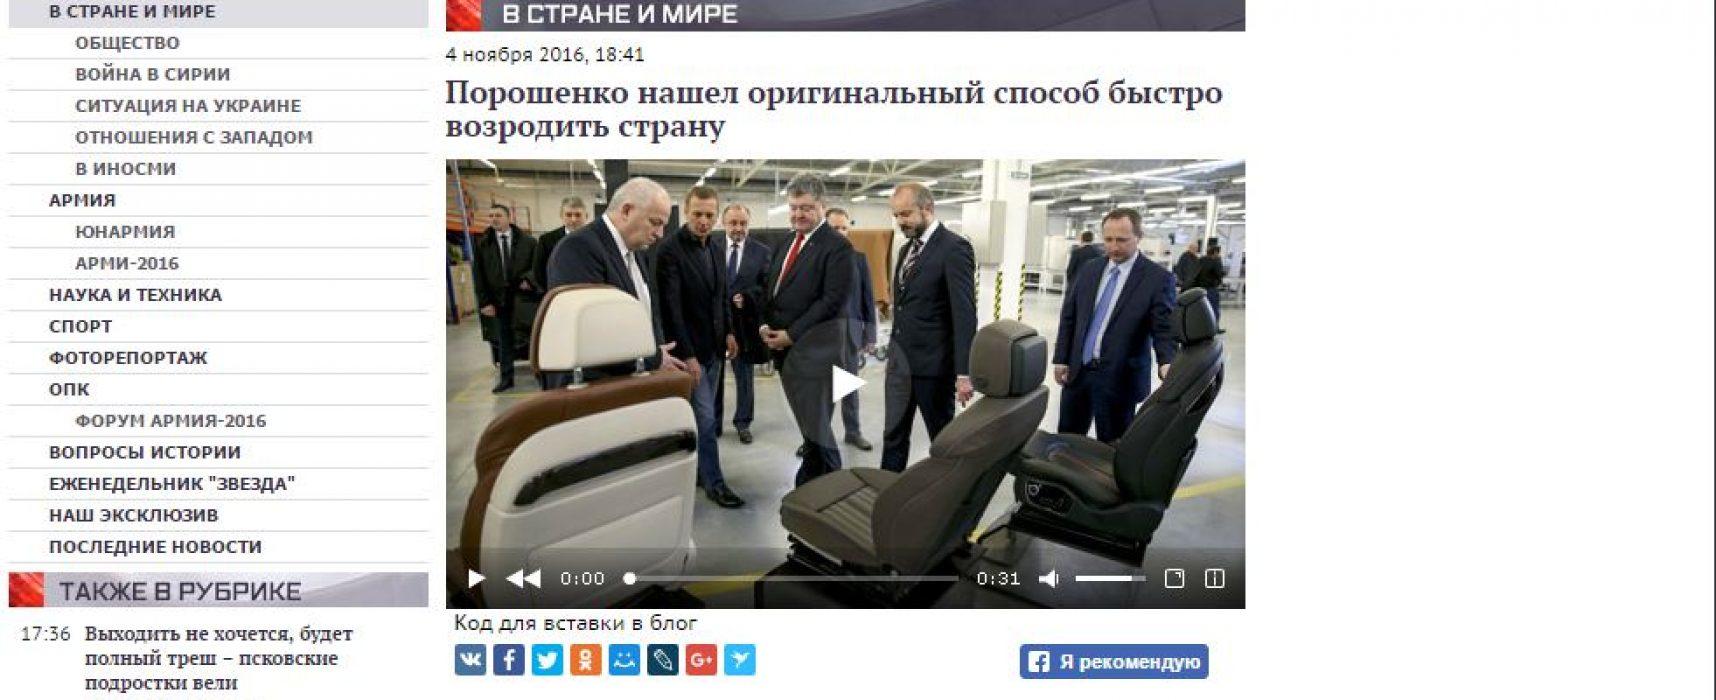 Фейк: Порошенко обявил, че ще възражда страната с помощта на калъфи за автомобилни седалки